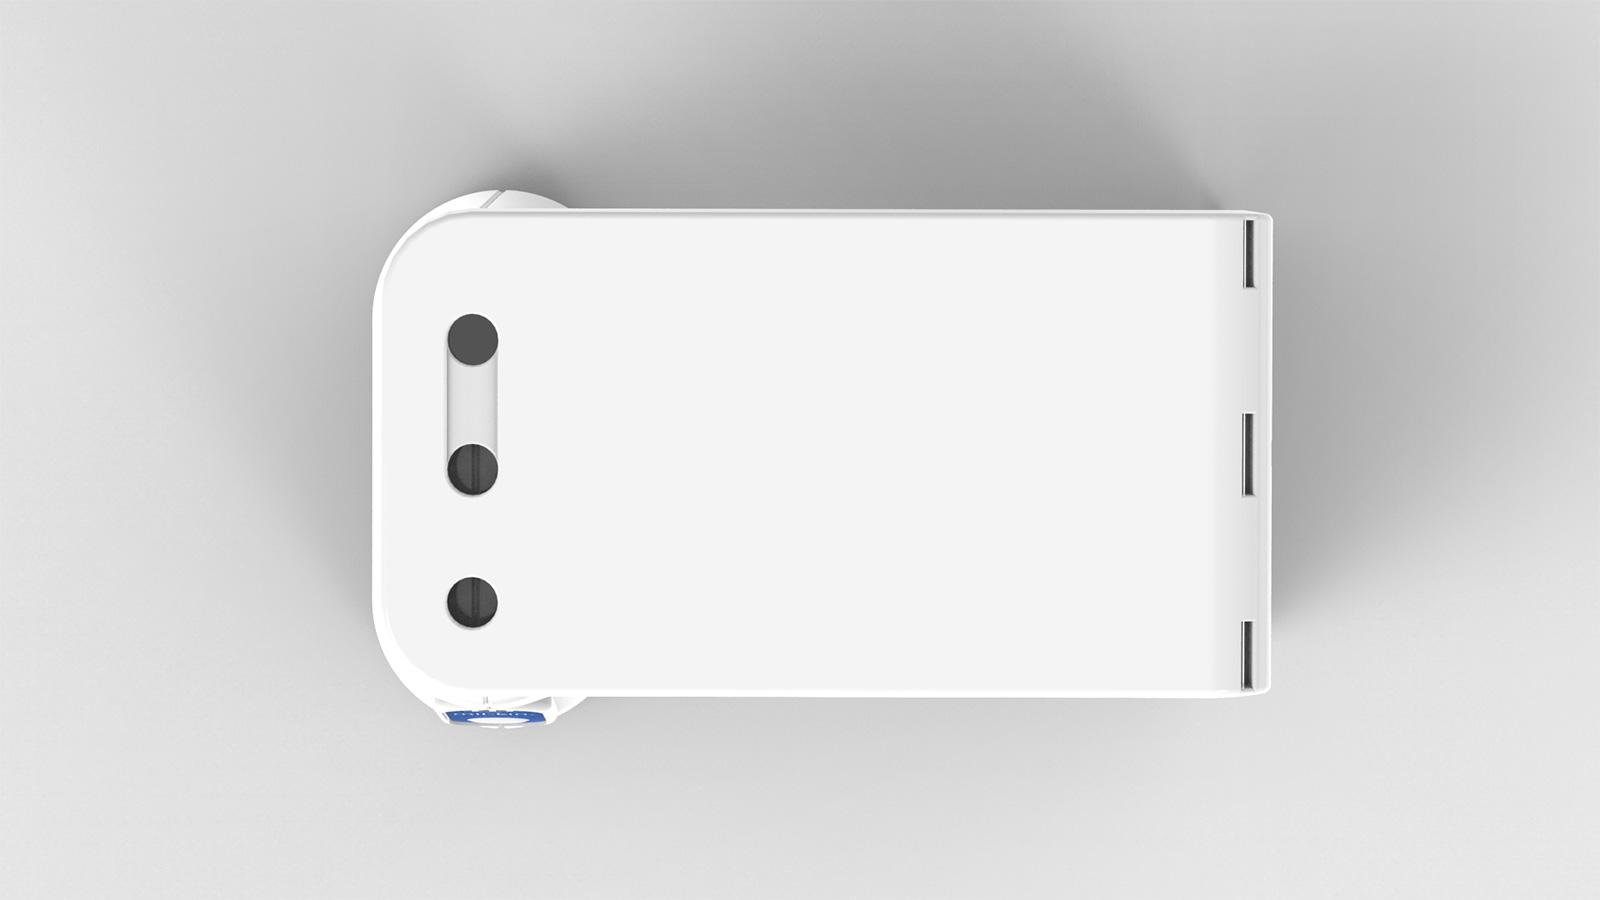 マルチデバイス対応設計